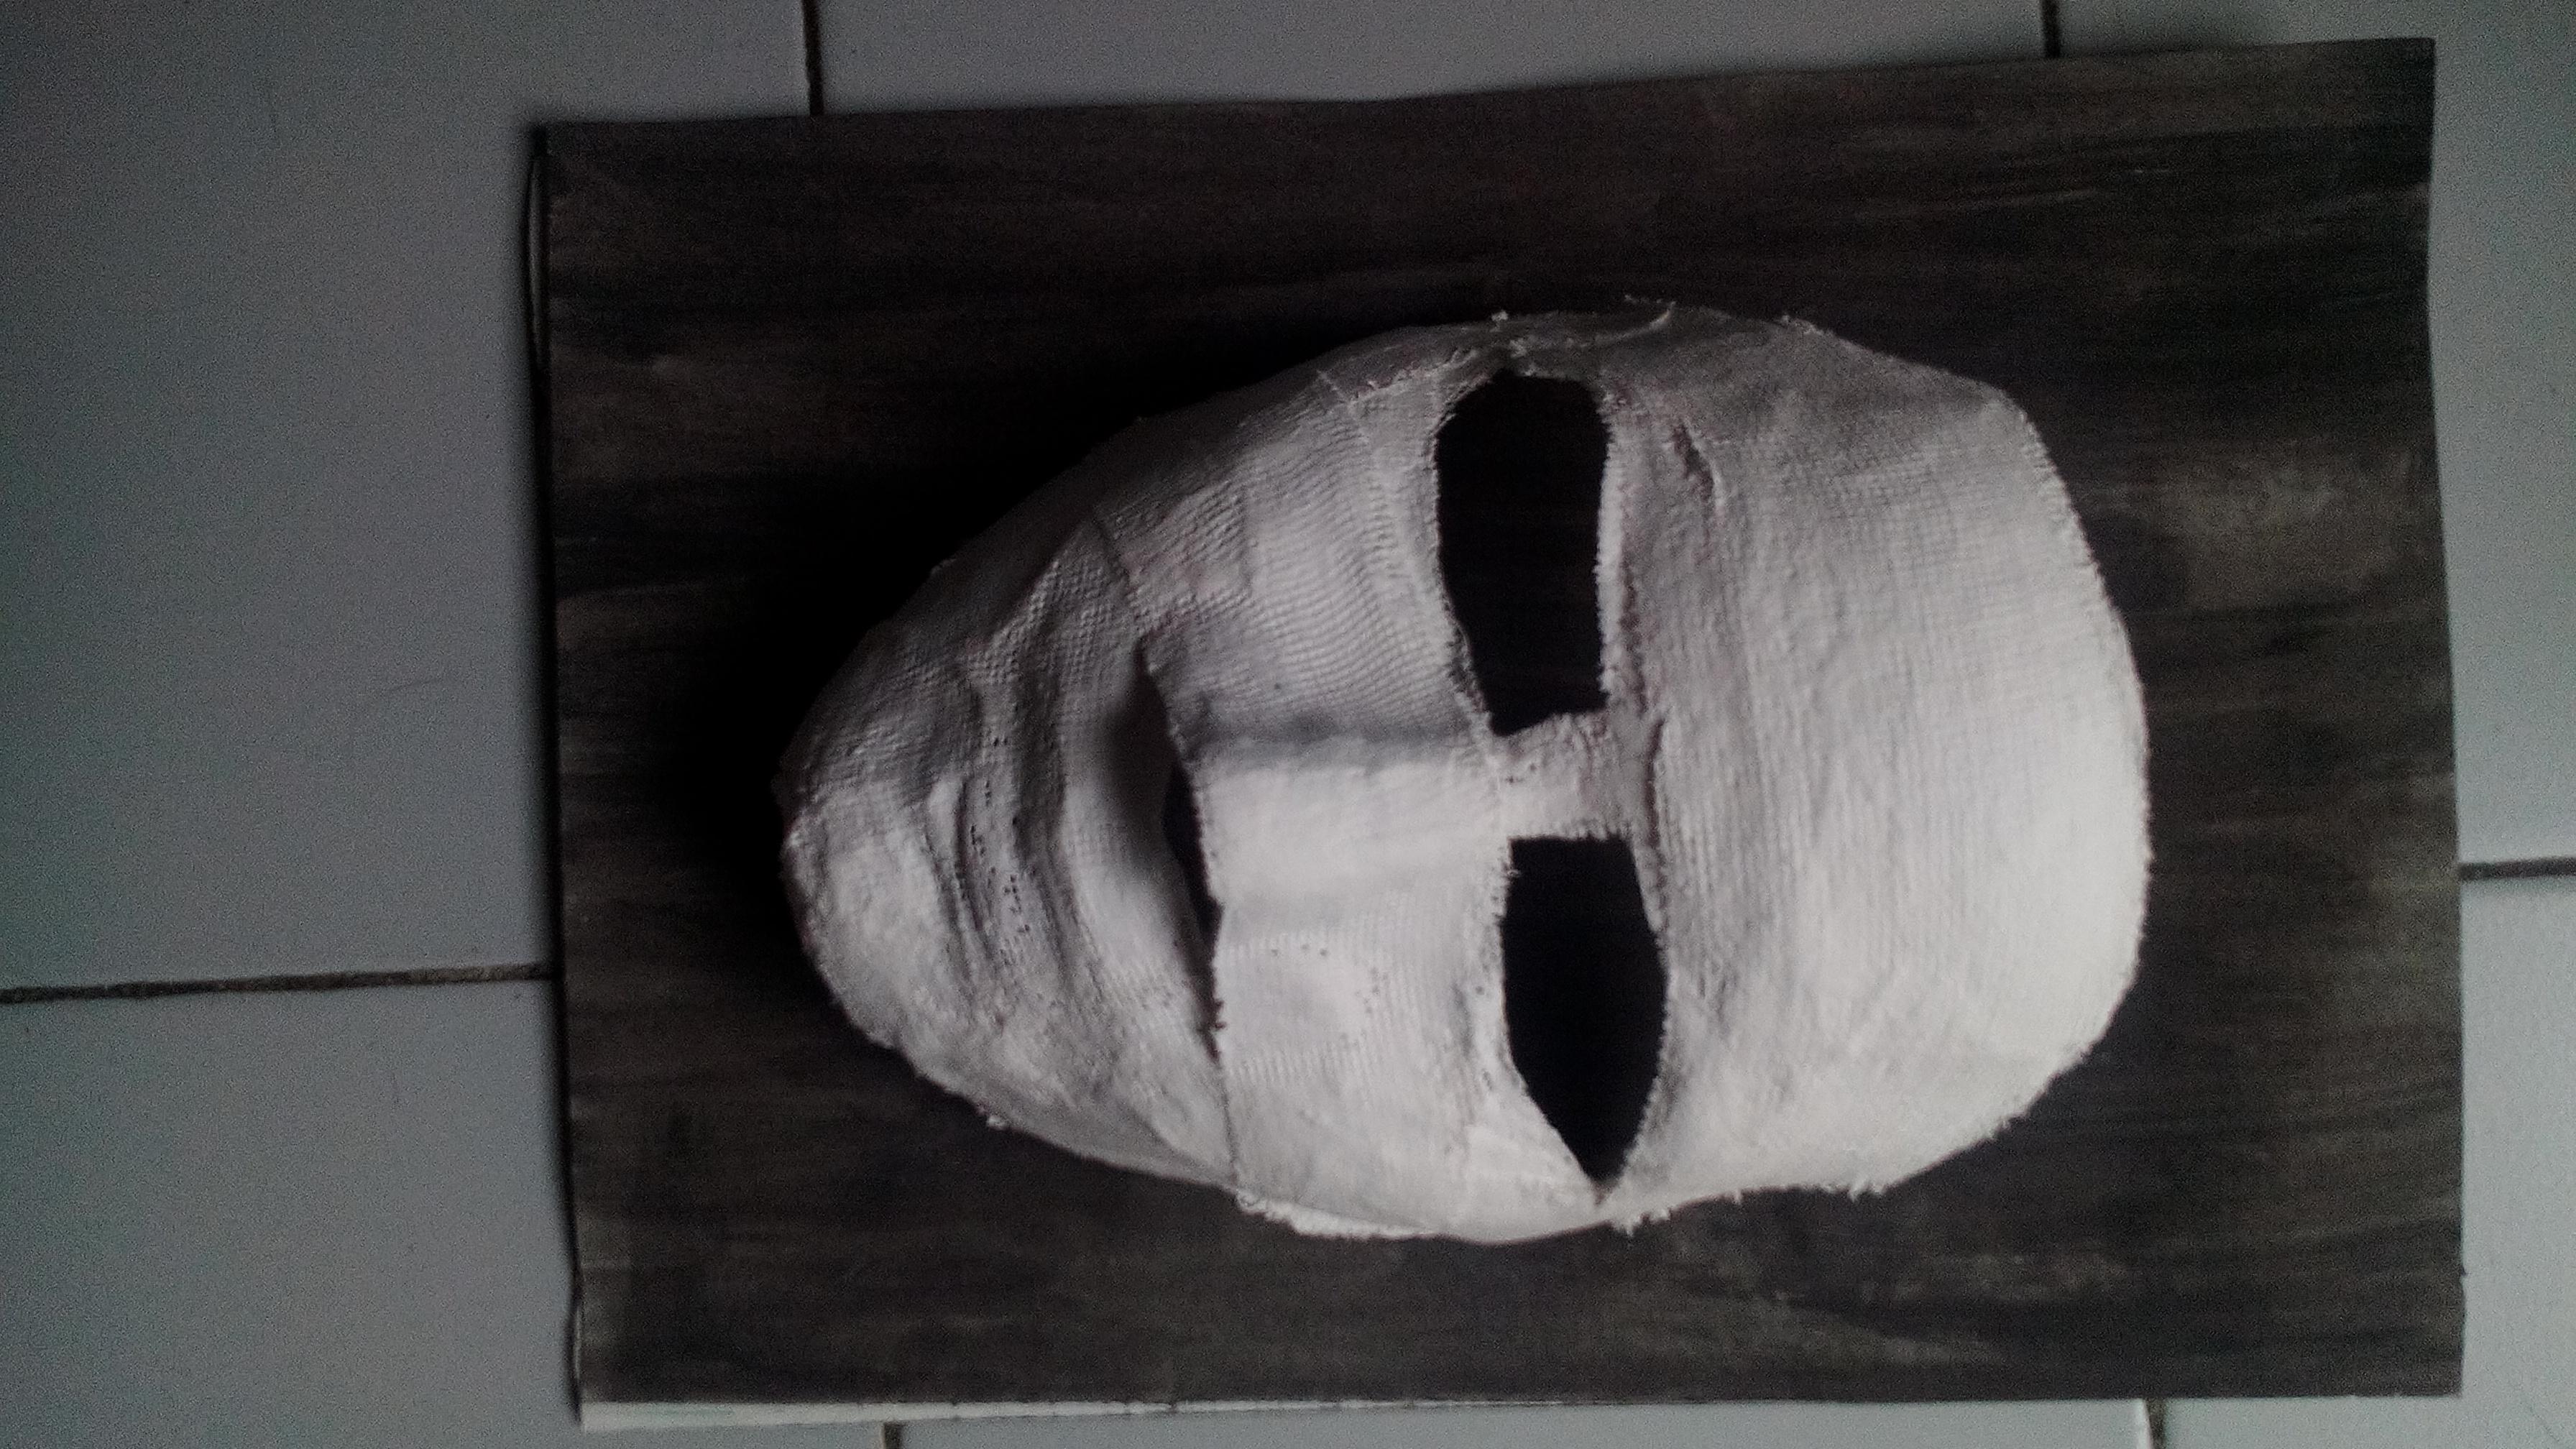 A börtönben a héten farsang alkalmából egymás arcára vizes gipszes papírt tettünk, majd megszaradás után levettük. Ezt az egyig srác csinálta az én arcom segítségével :) (ez lett a legjobb mindközül)